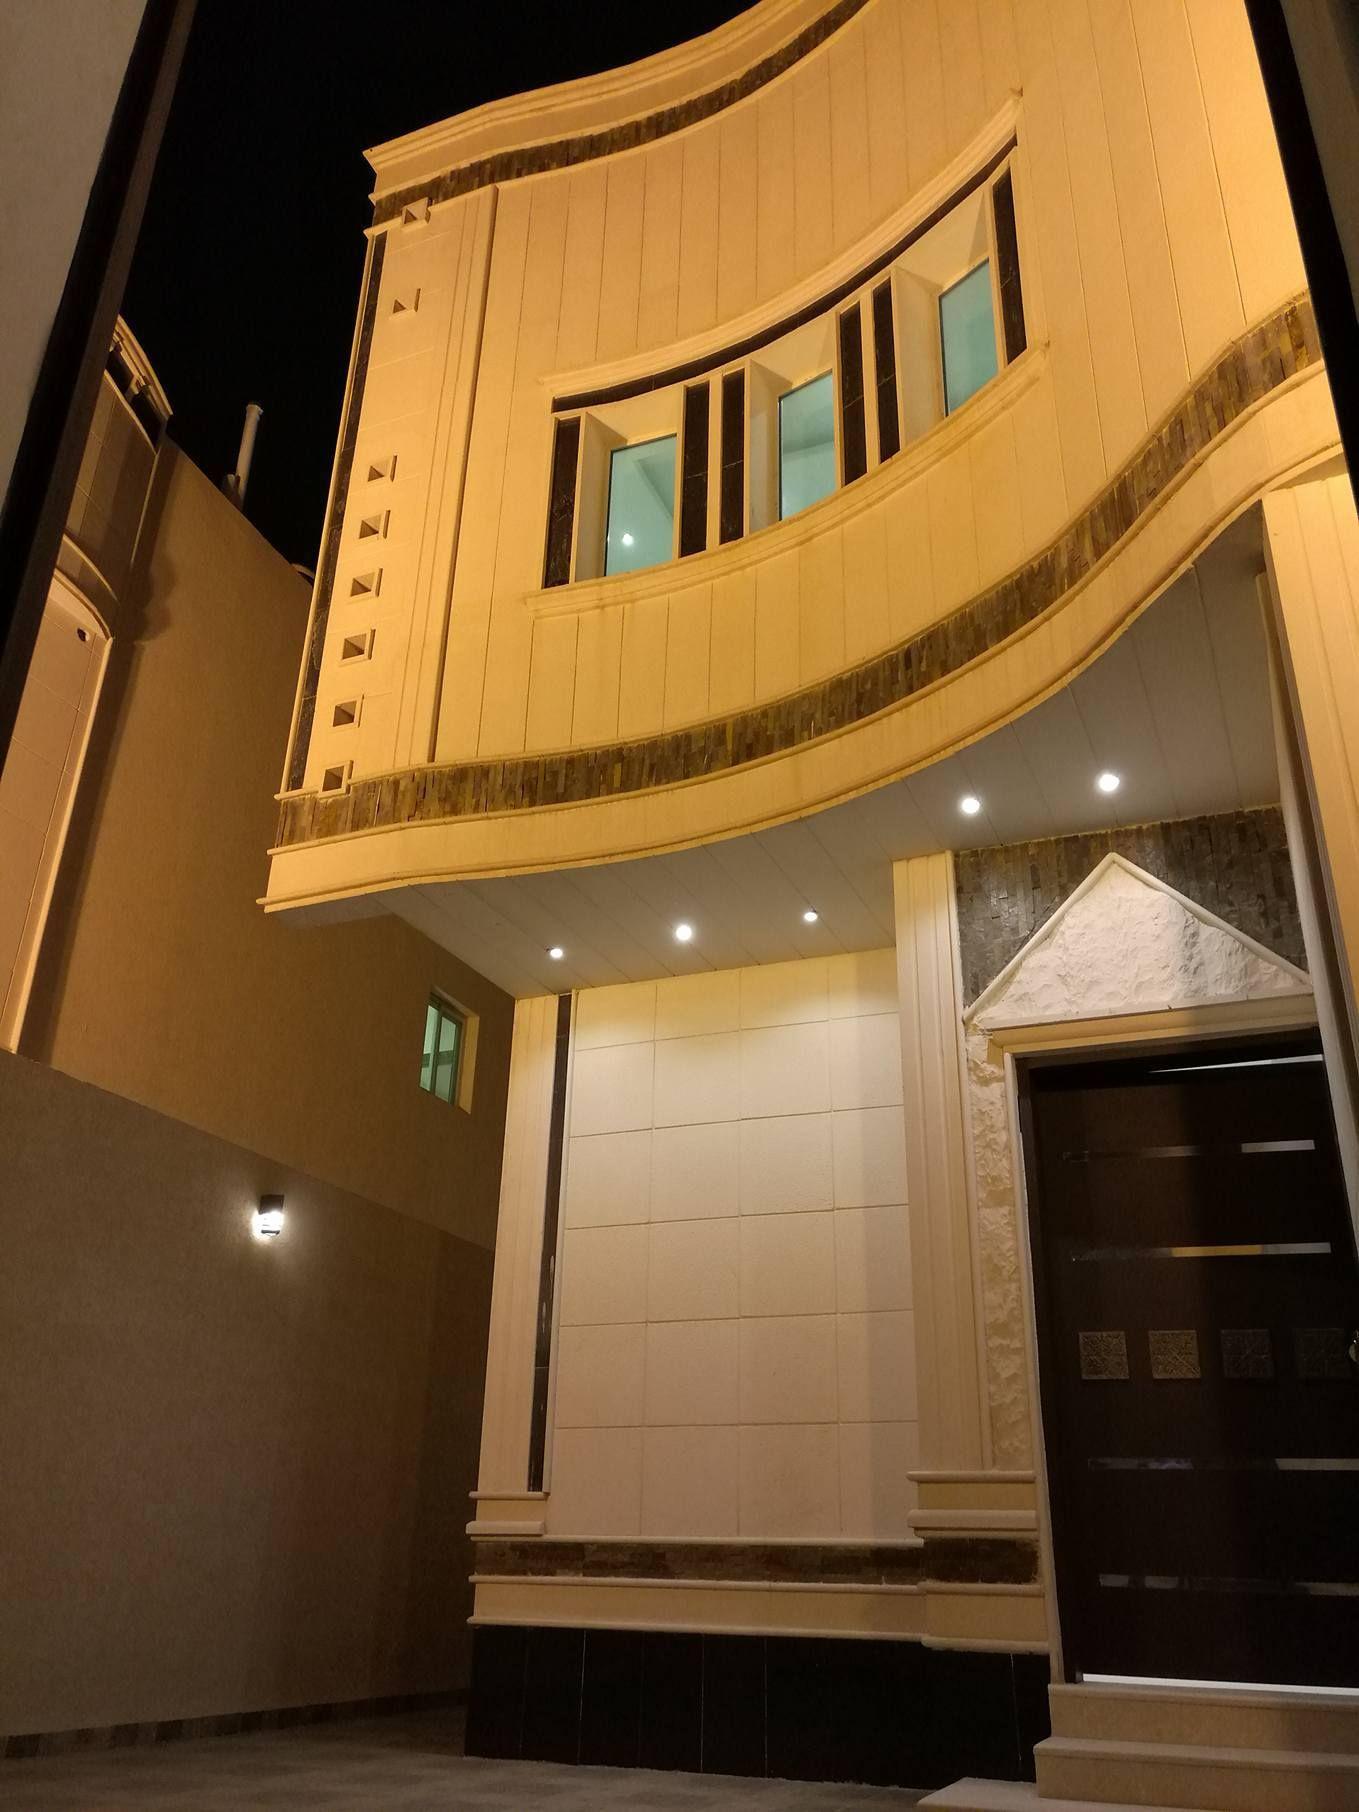 فيلا درج صالة فاخرة للبيع بحي الندى Http Aqarboursa Com Showthread Php 101419 D9 81 D9 8a D9 84 D8 A7 D8 Af D8 B1 D8 Ac D8 B5 D8 Outdoor Decor Decor Home